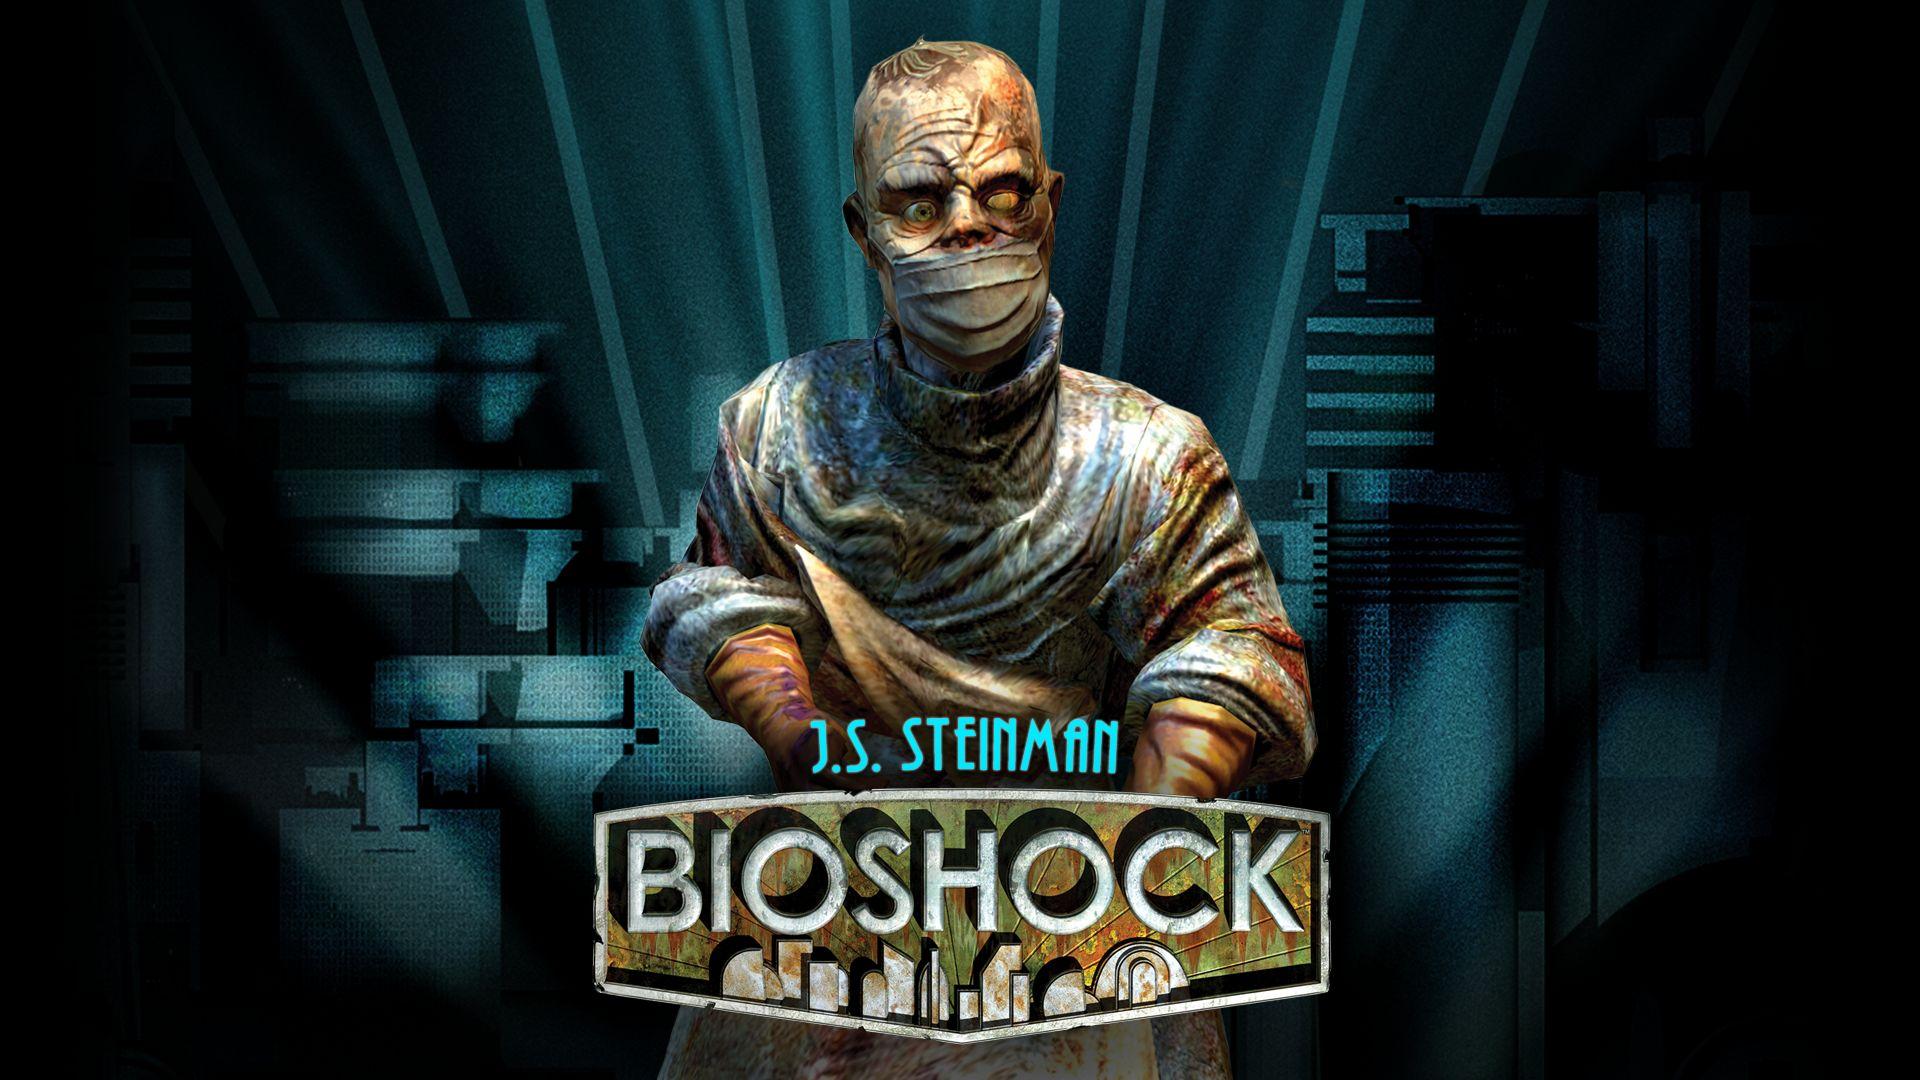 Bioshock remastered j s steinman steam trading cards - Bioshock wikia ...